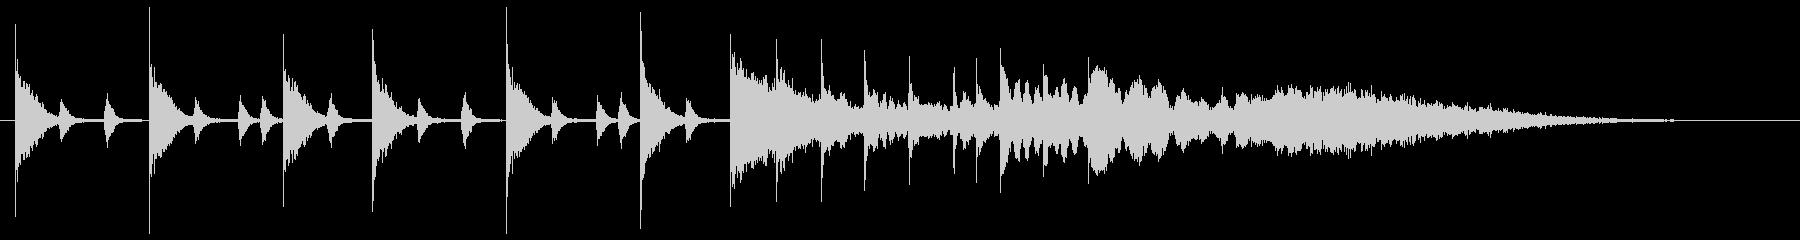 ドラムソロによる軽快なサウンドロゴの未再生の波形